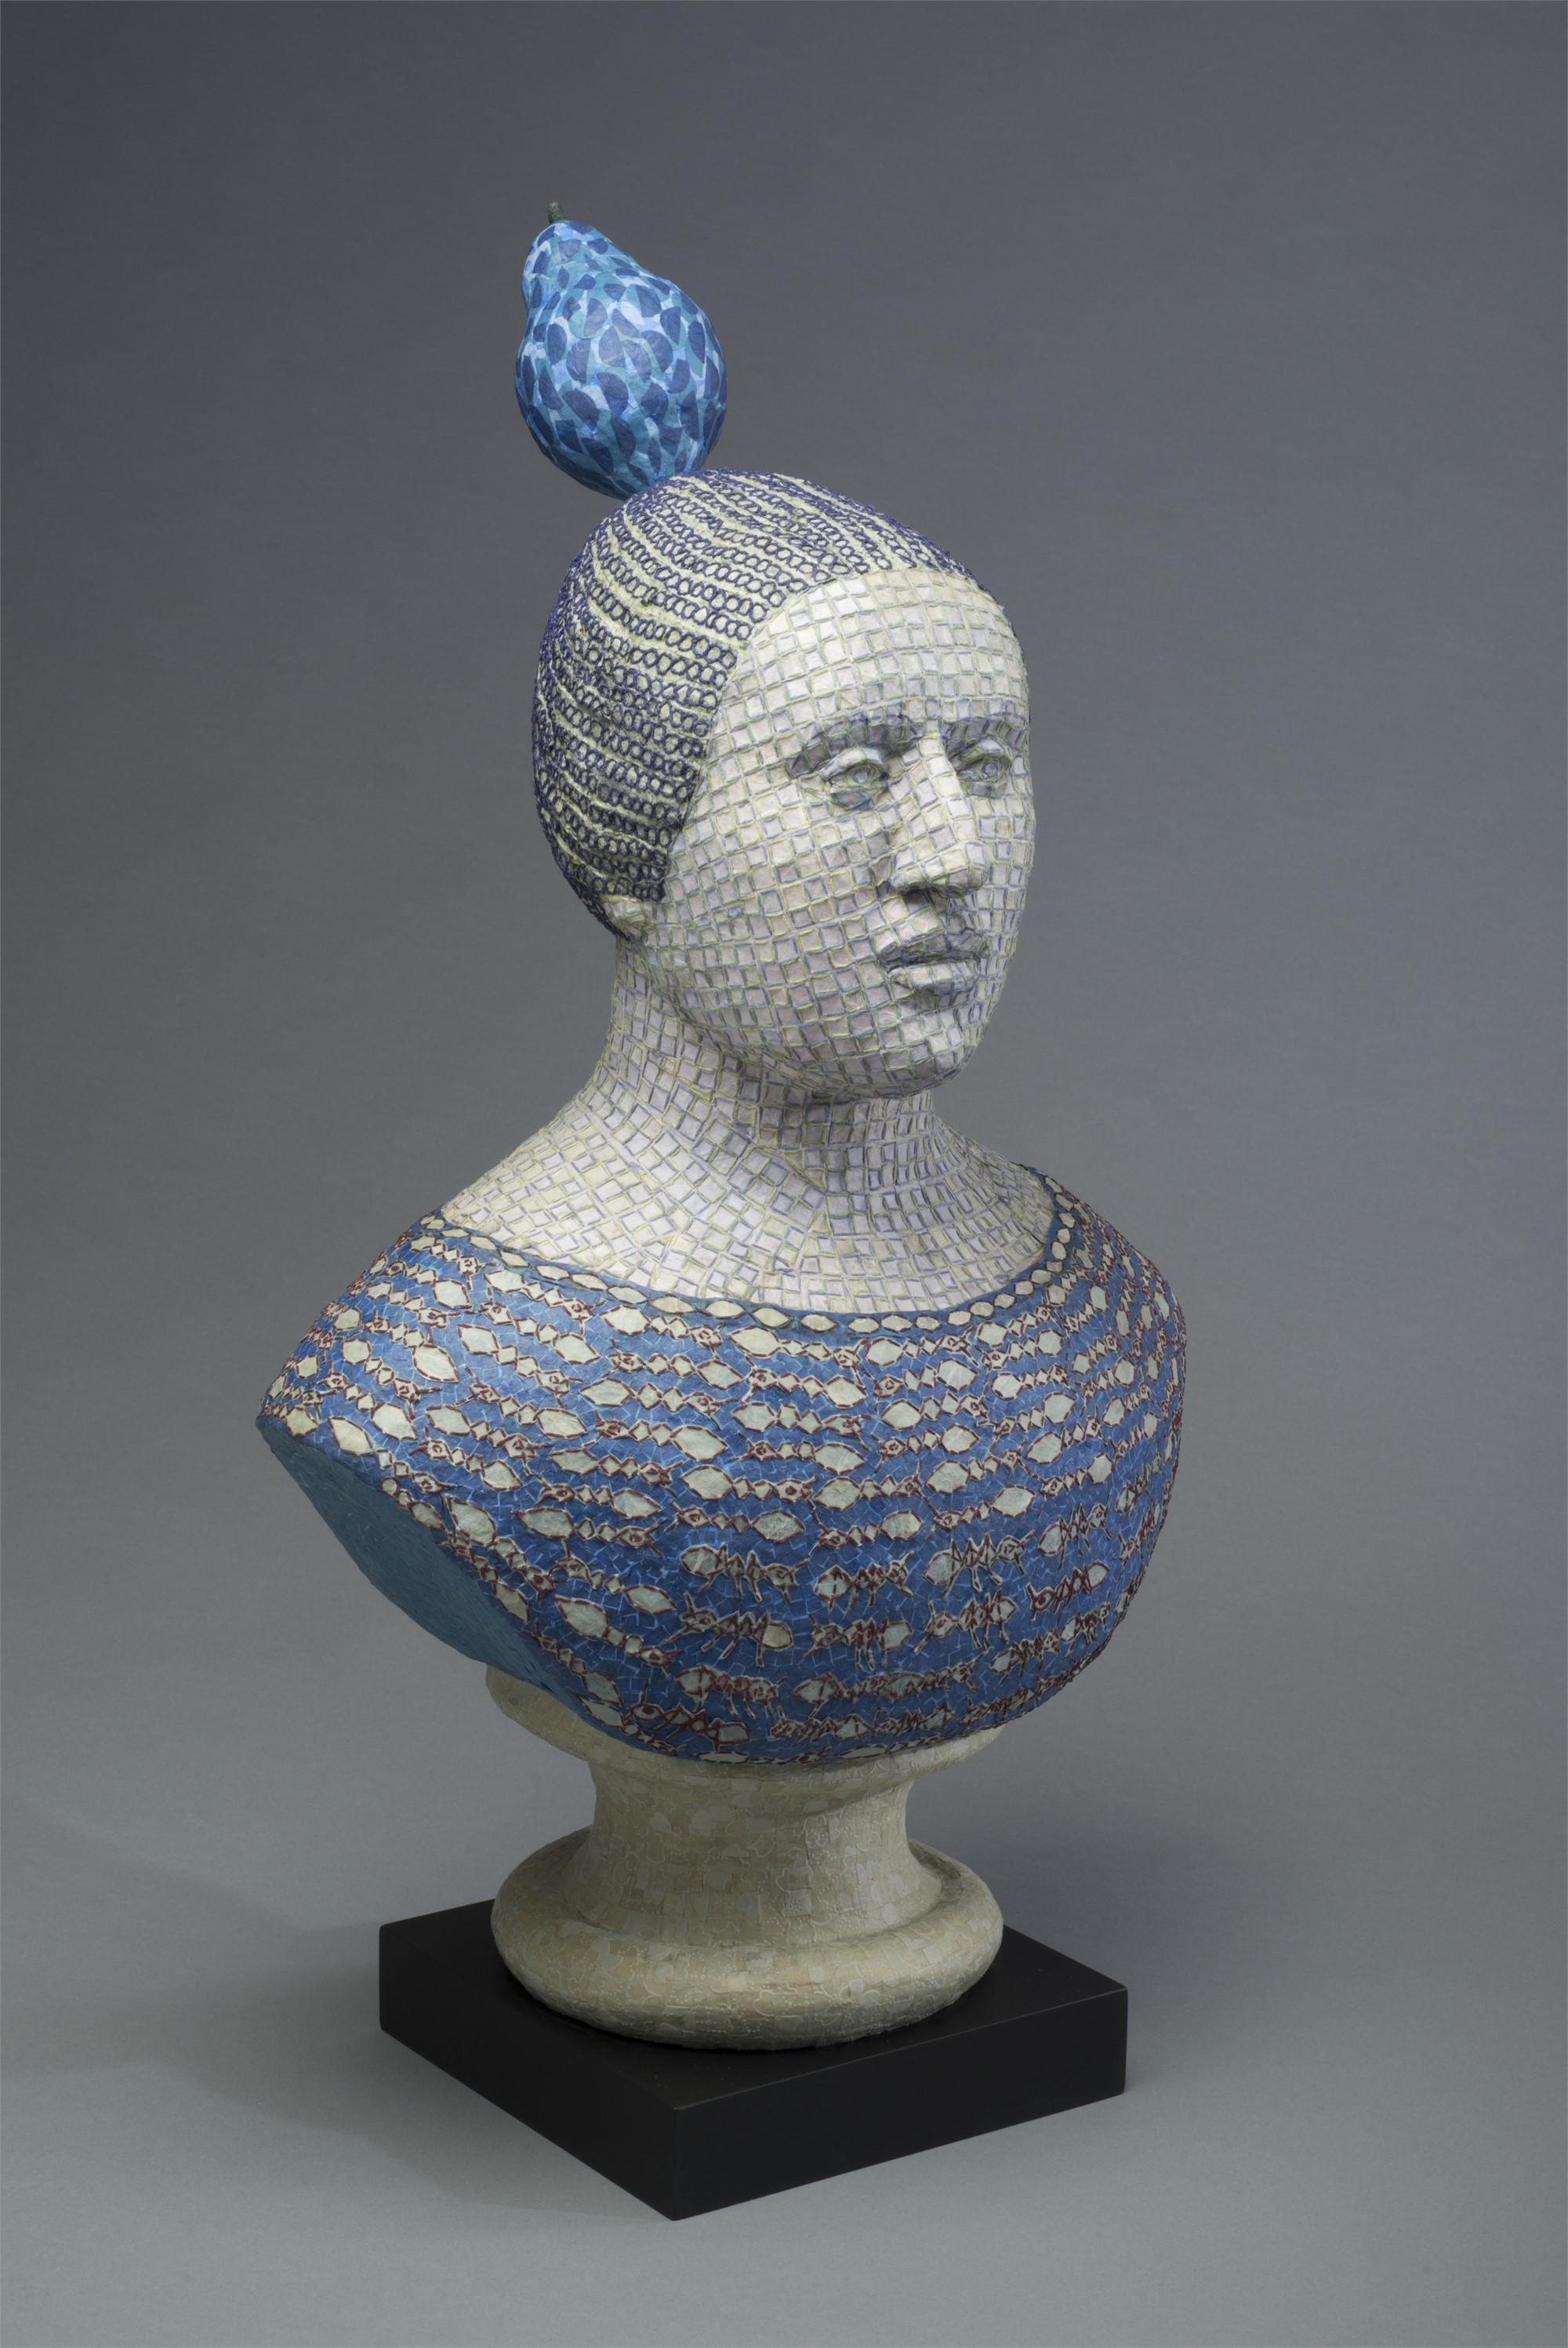 Blue Pear by Martha Shade